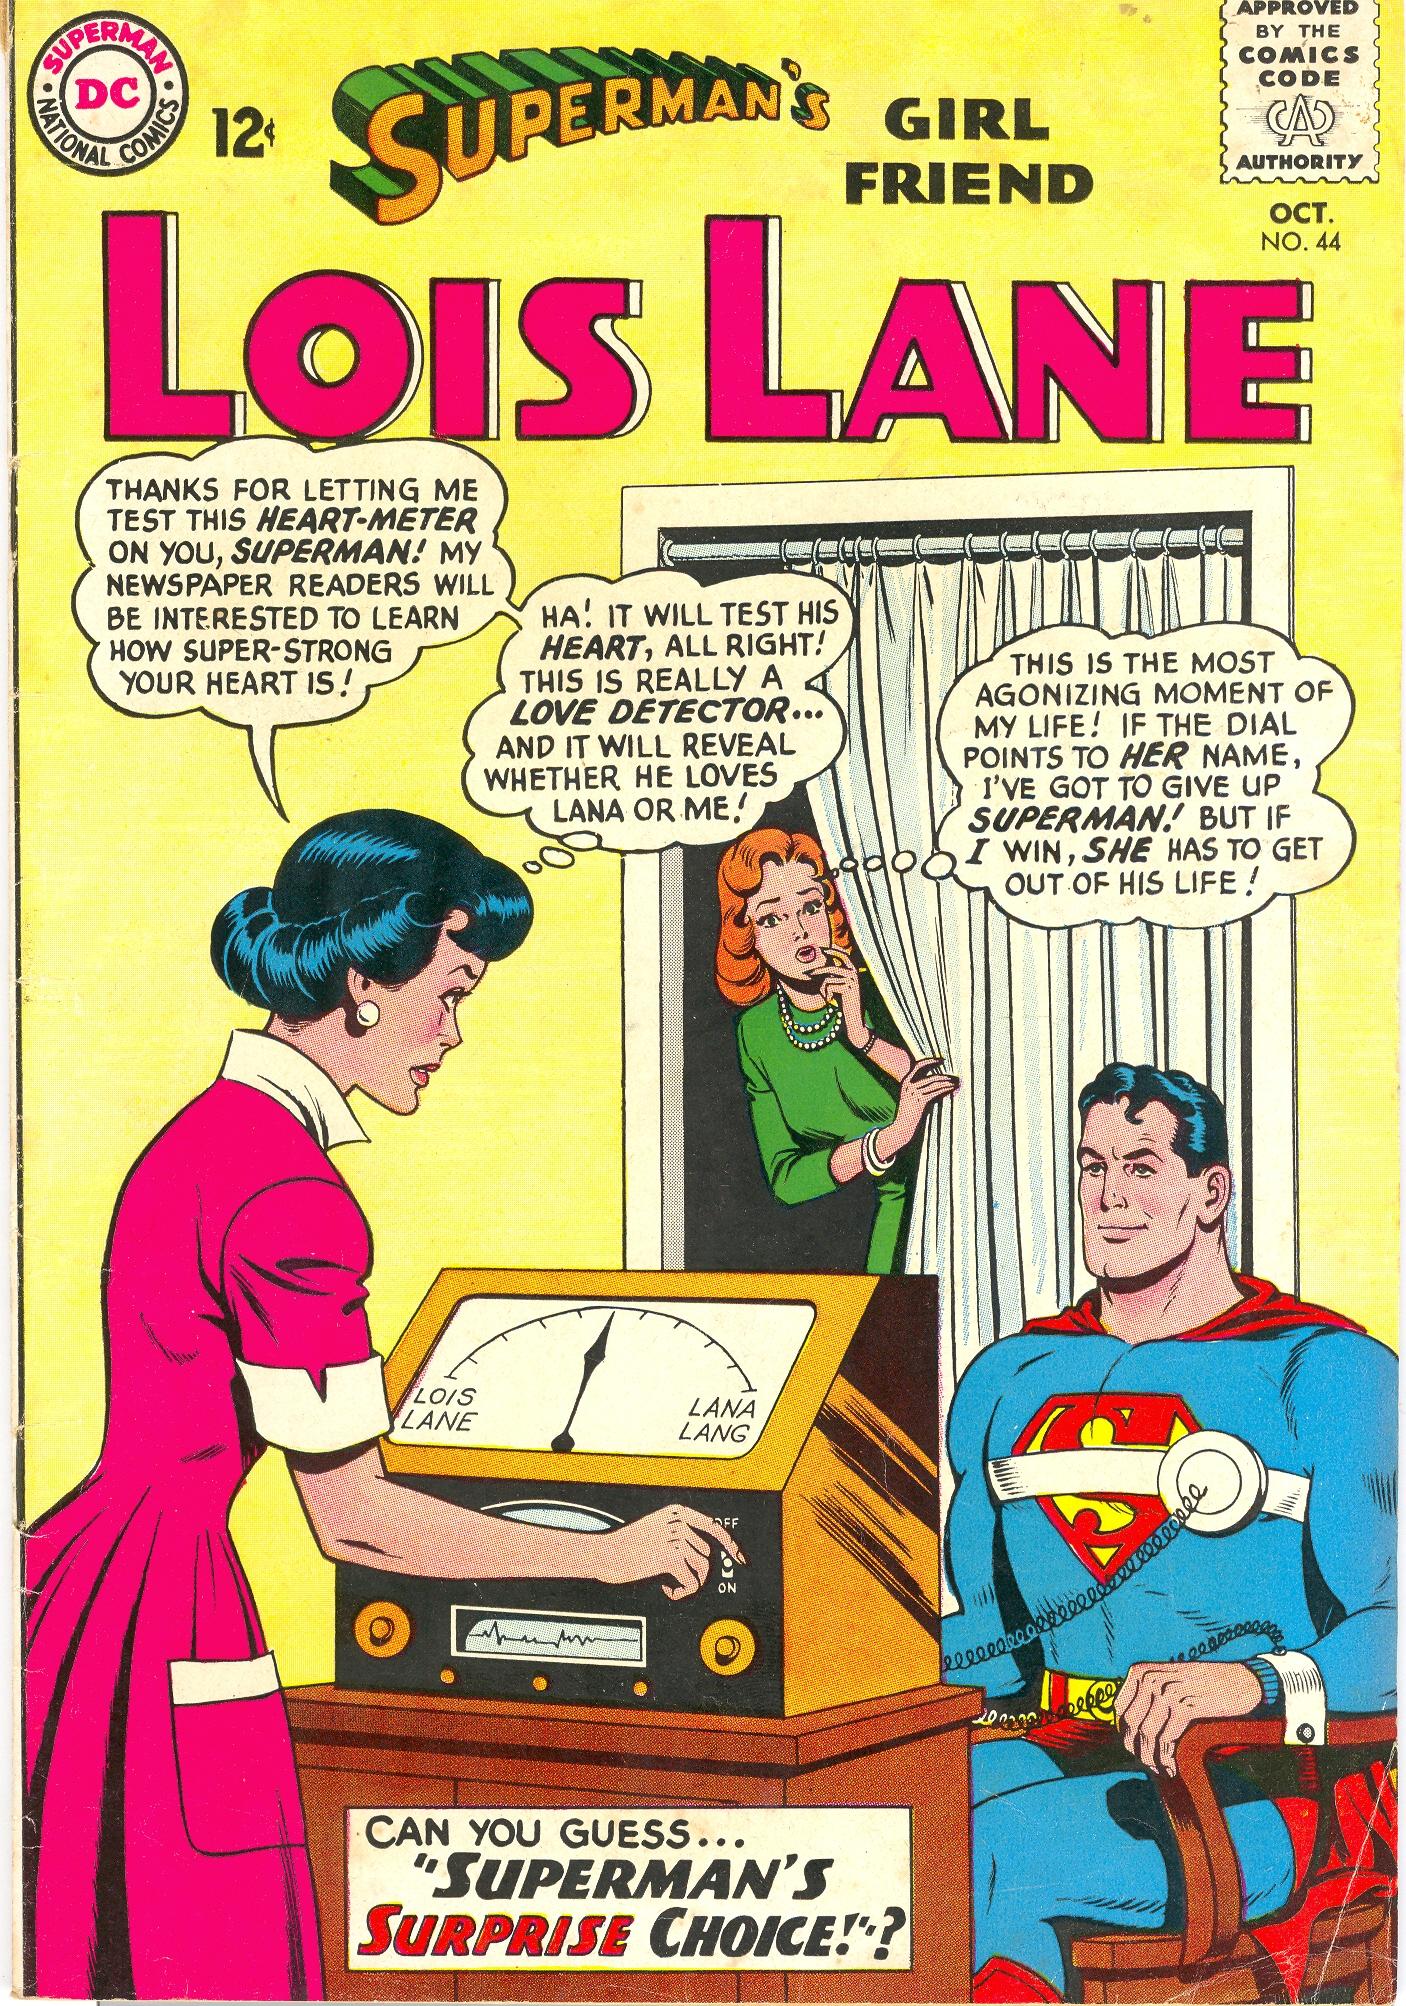 Lois Lane wielding a love meter